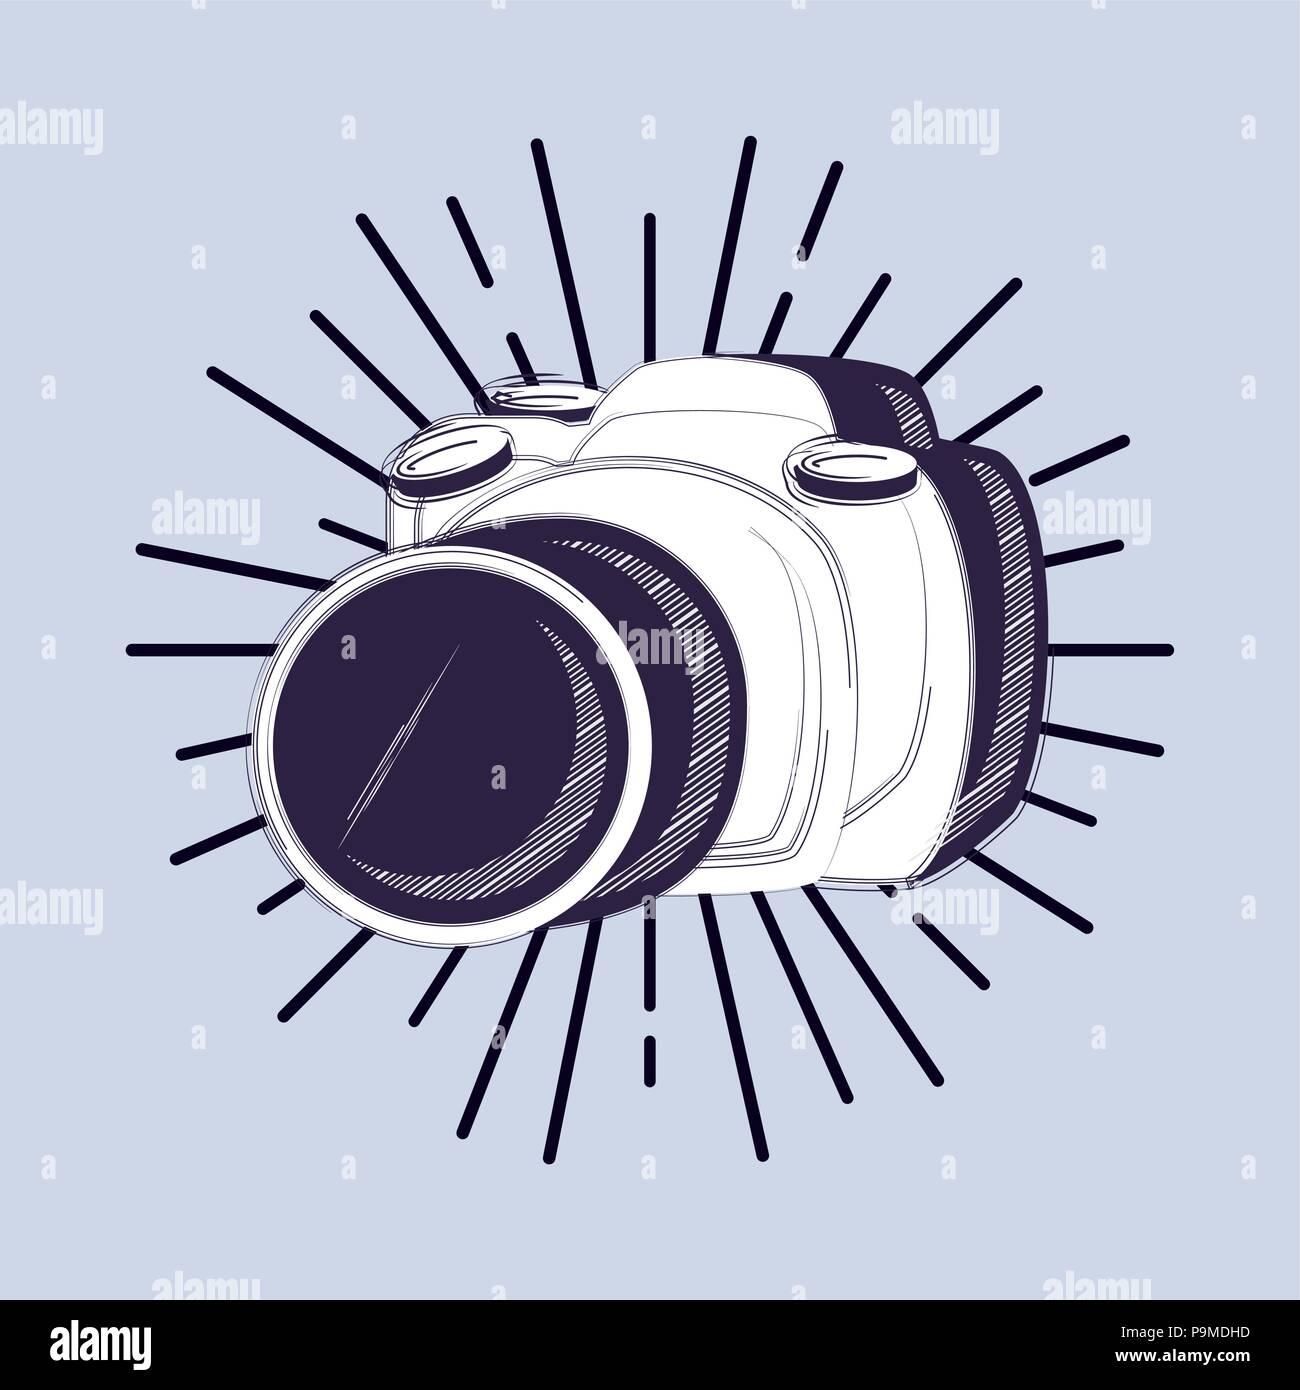 L'icône de caméra photographique sur fond bleu, croquis coloré design. vector illustration Illustration de Vecteur